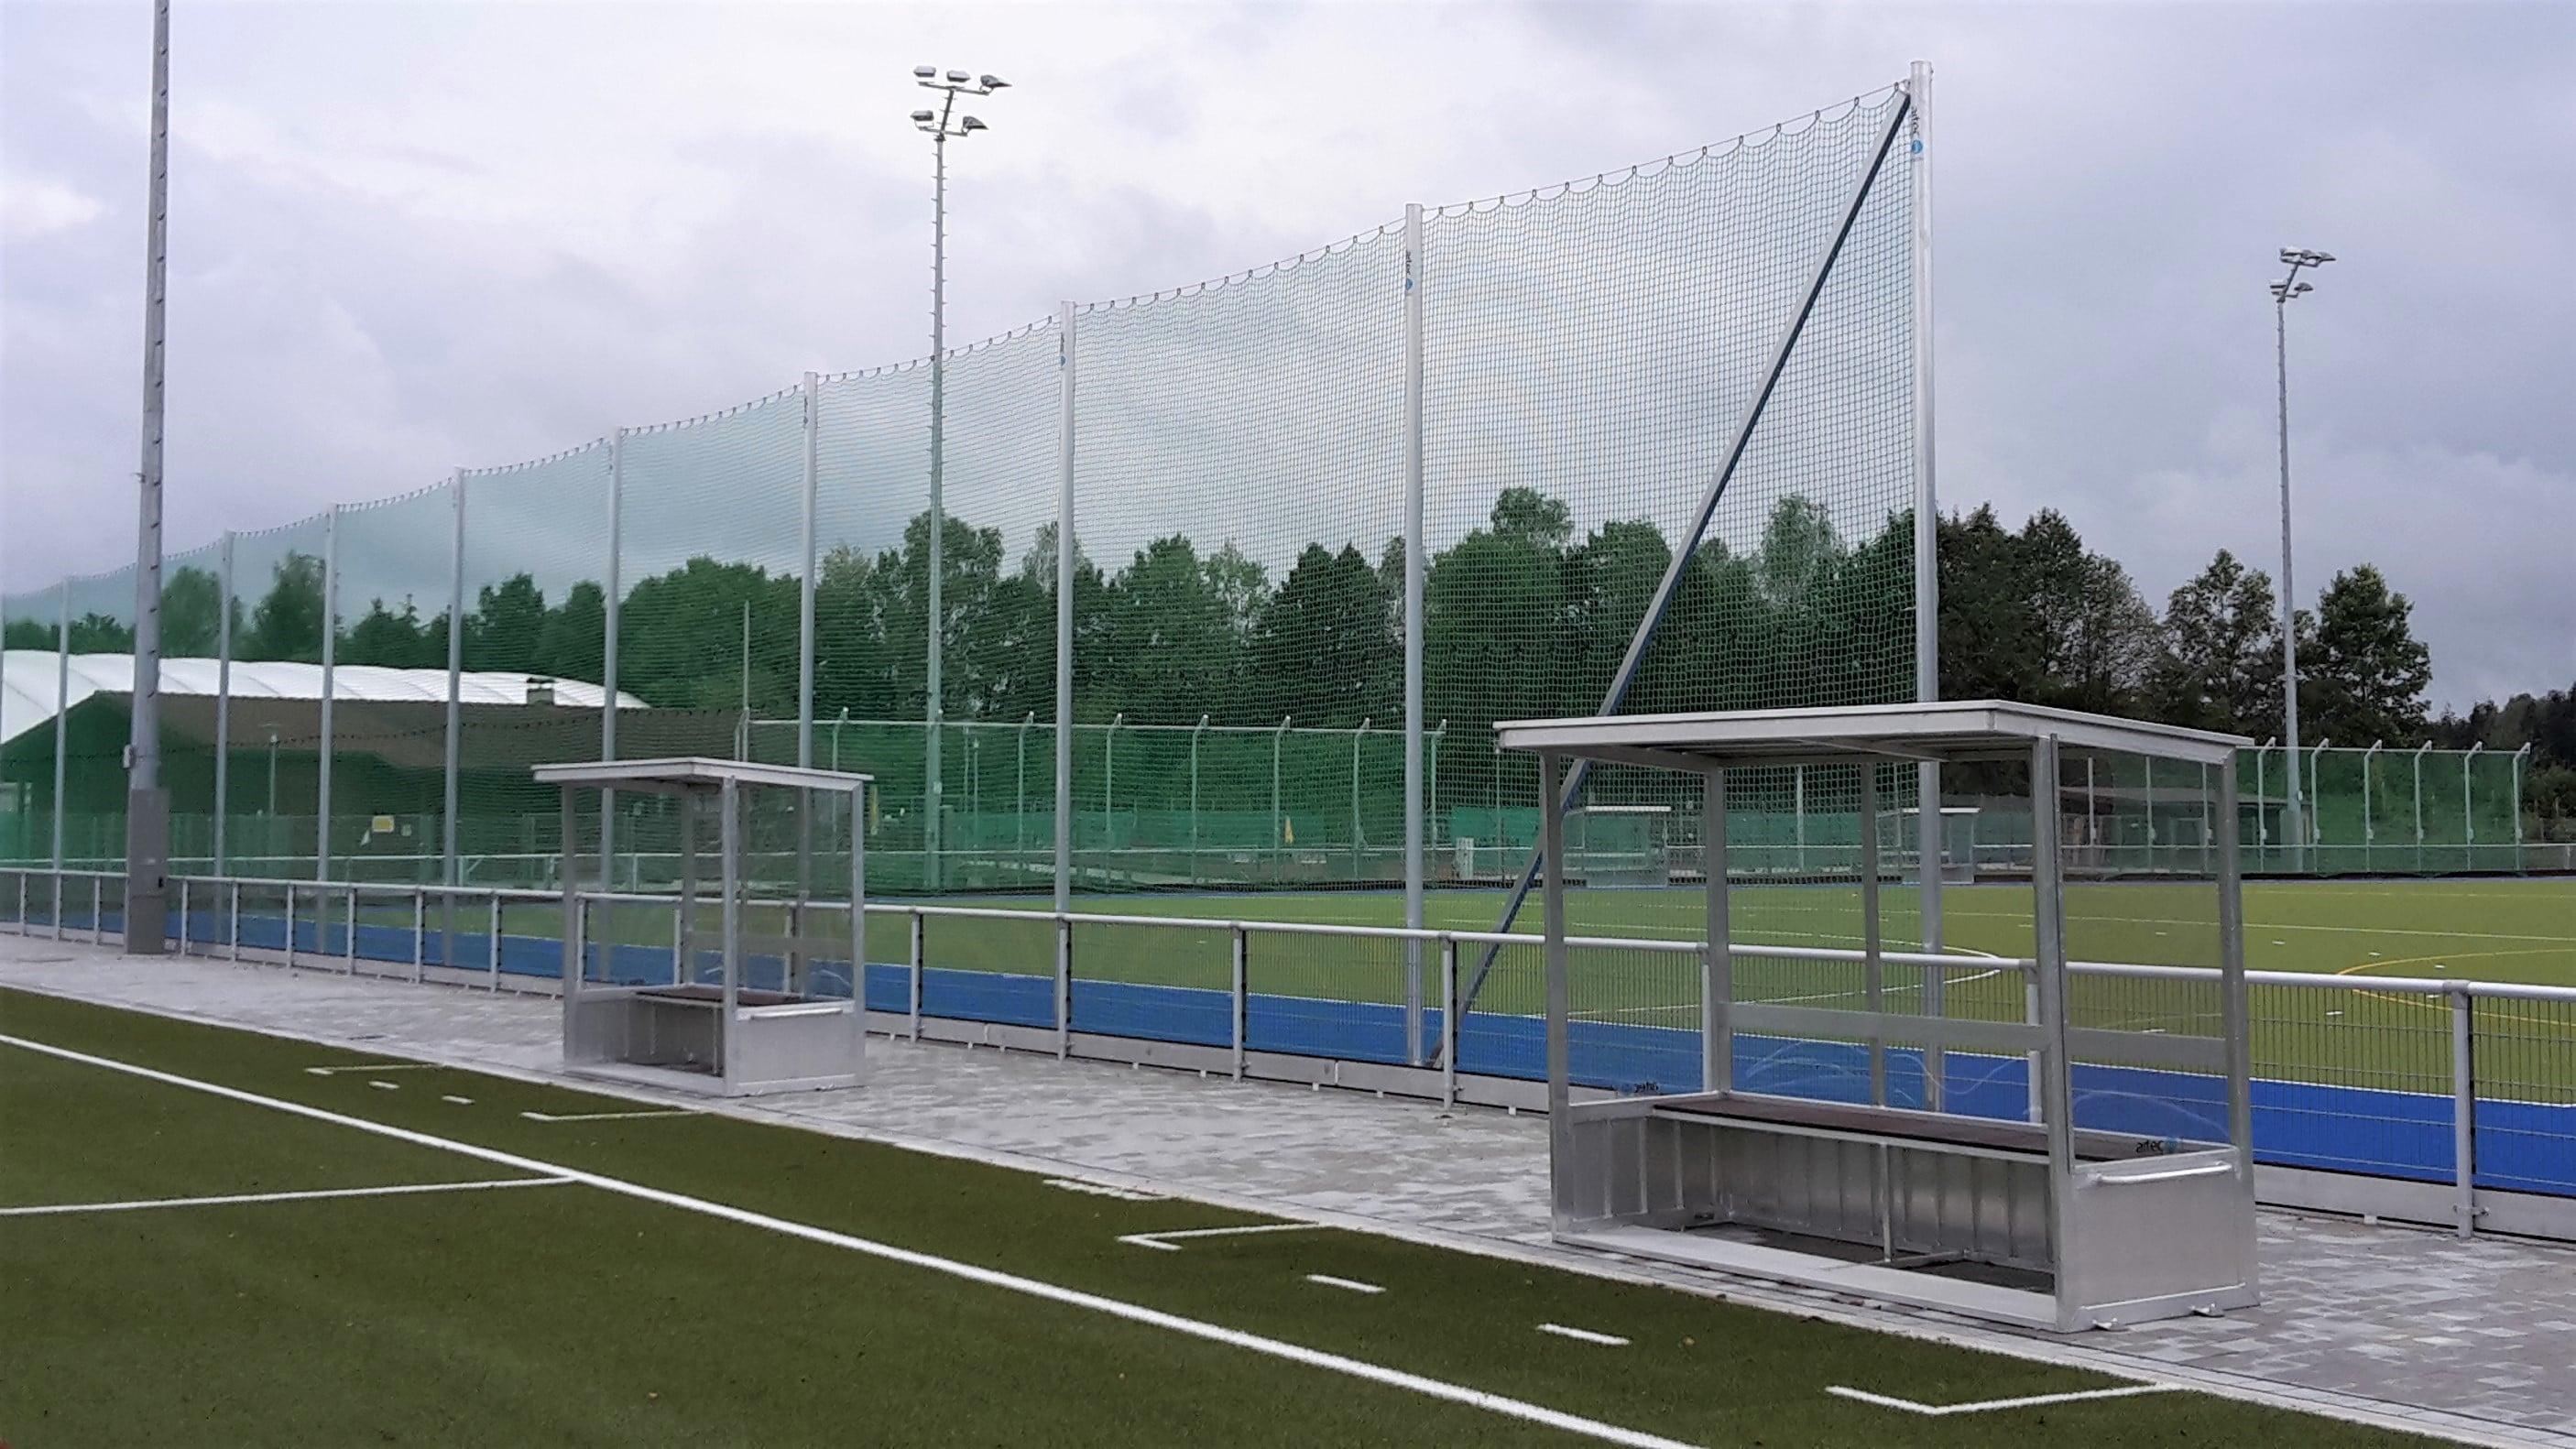 Ballfangnetz auf Sportplatz